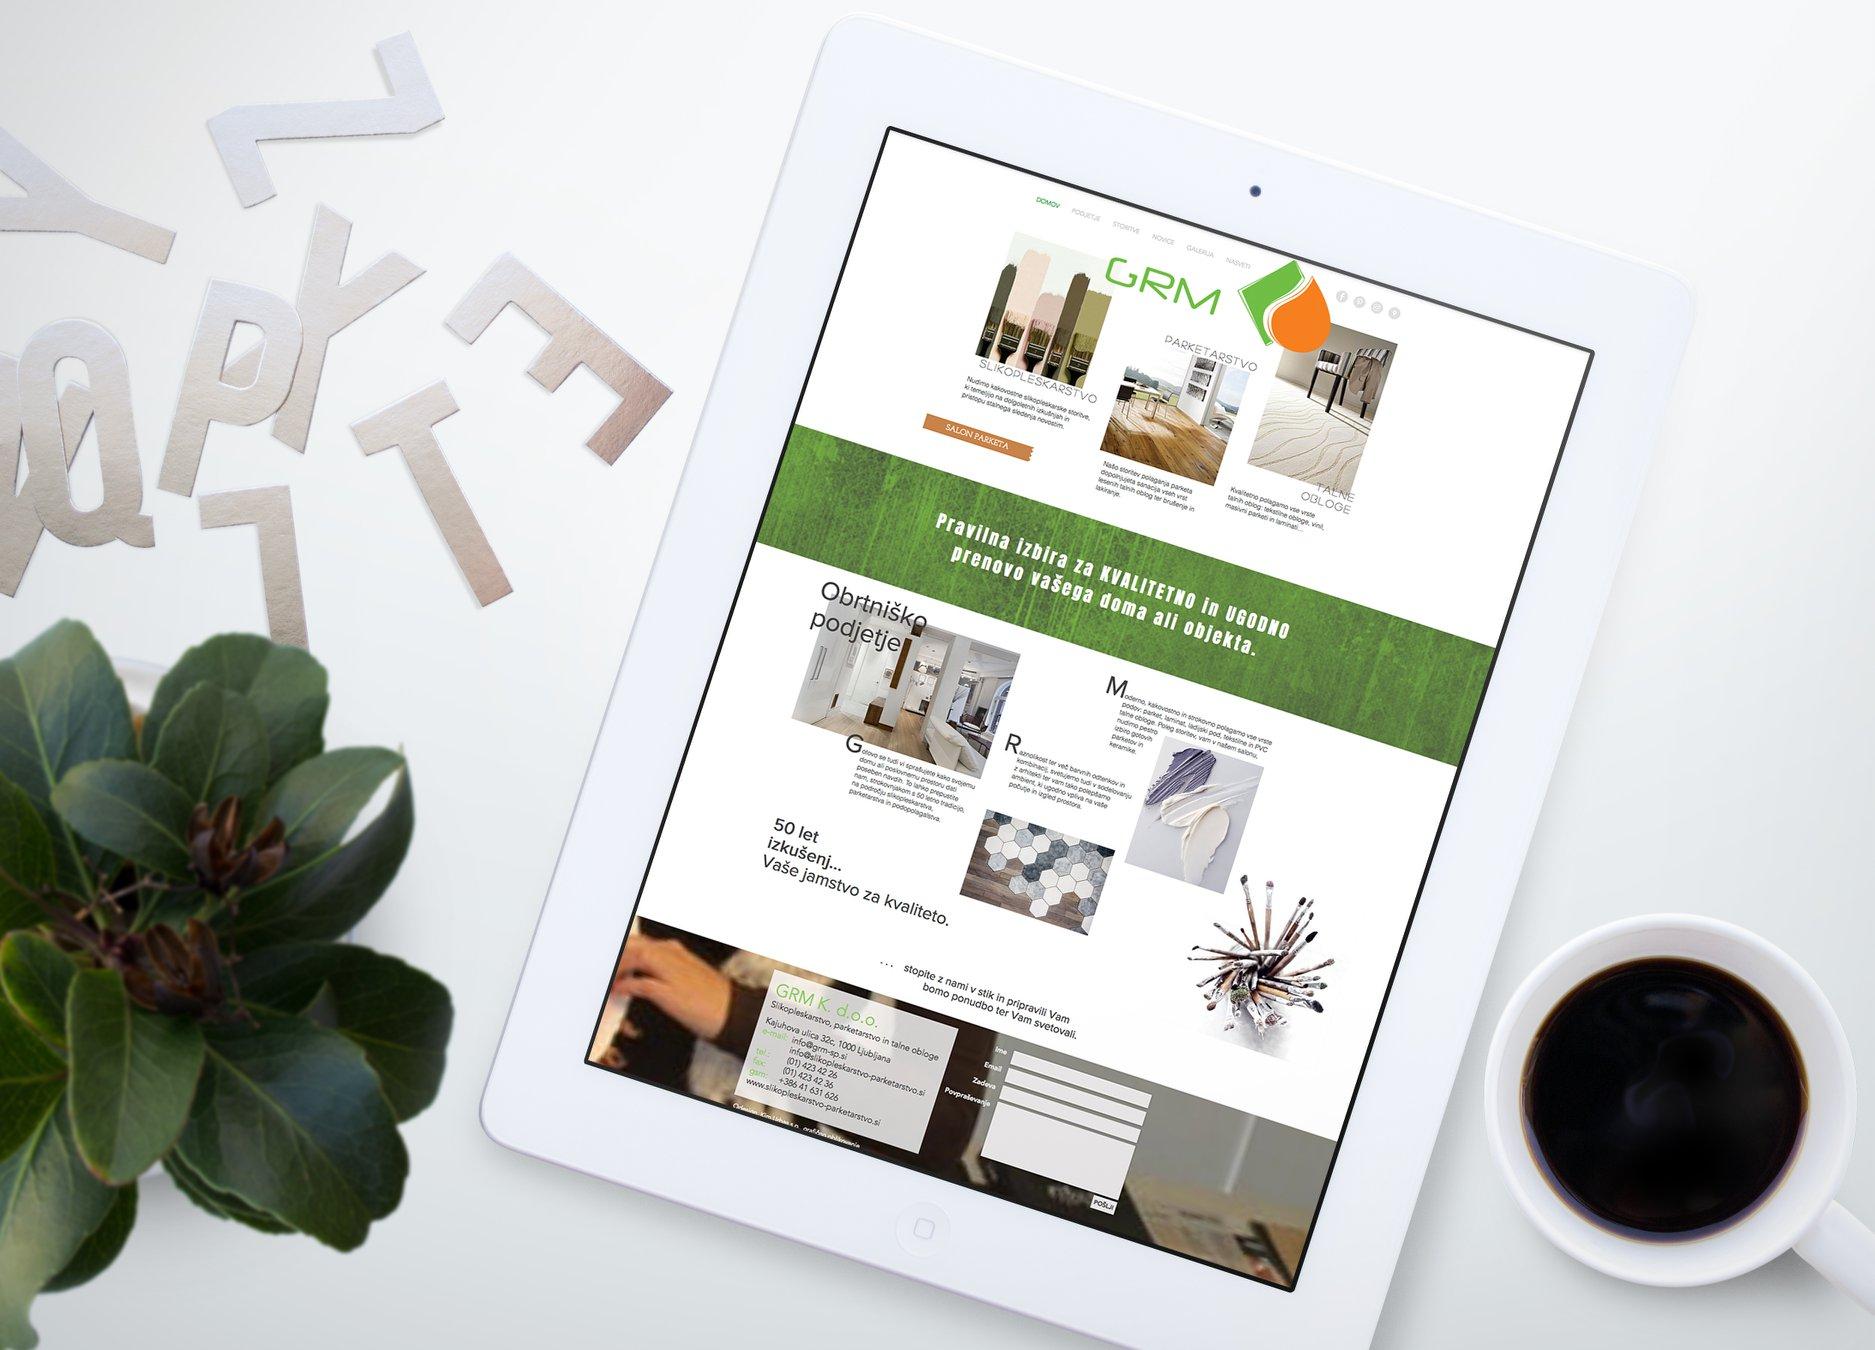 Grm-slikopleskarstvo-parket-spletna stran-qdesign-kimurbas-oblikovanje